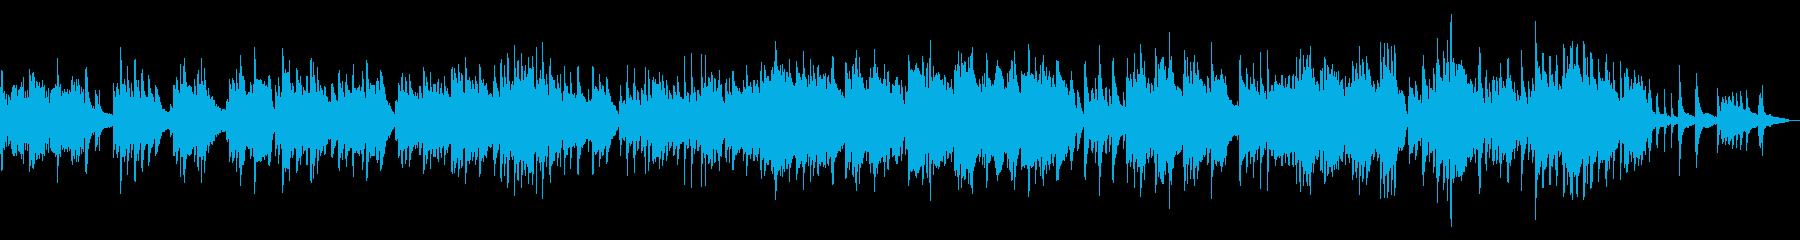 和の映像に似合うBGM 和楽器ピアノの再生済みの波形